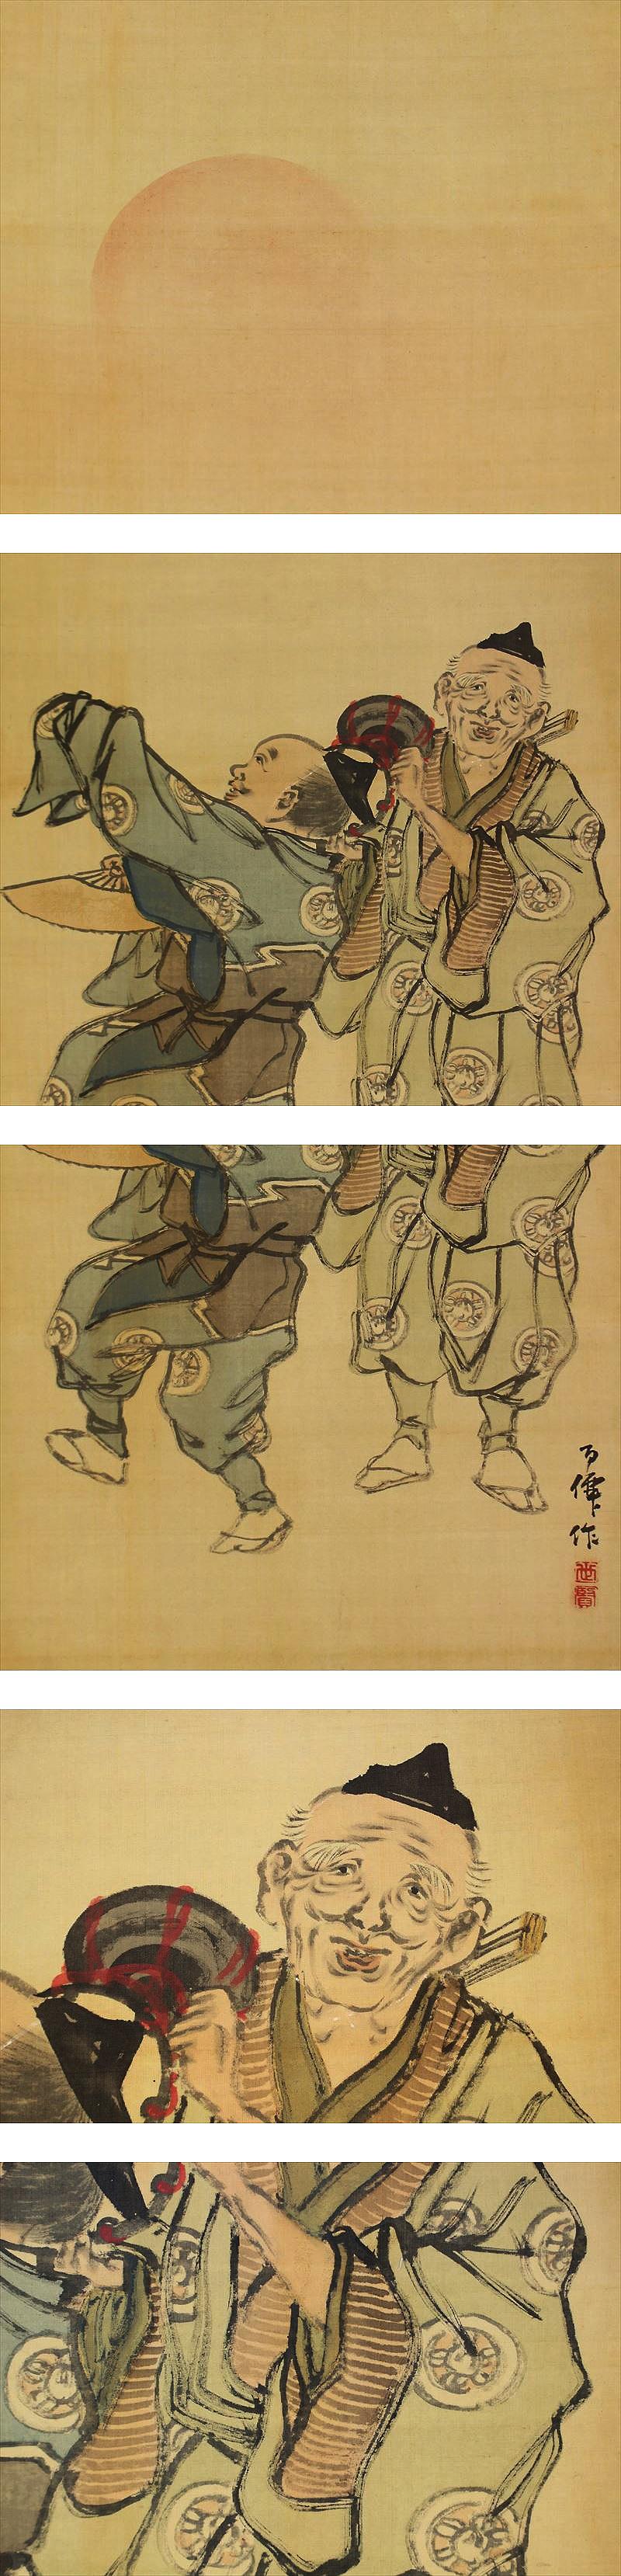 鈴木松年の画像 p1_28